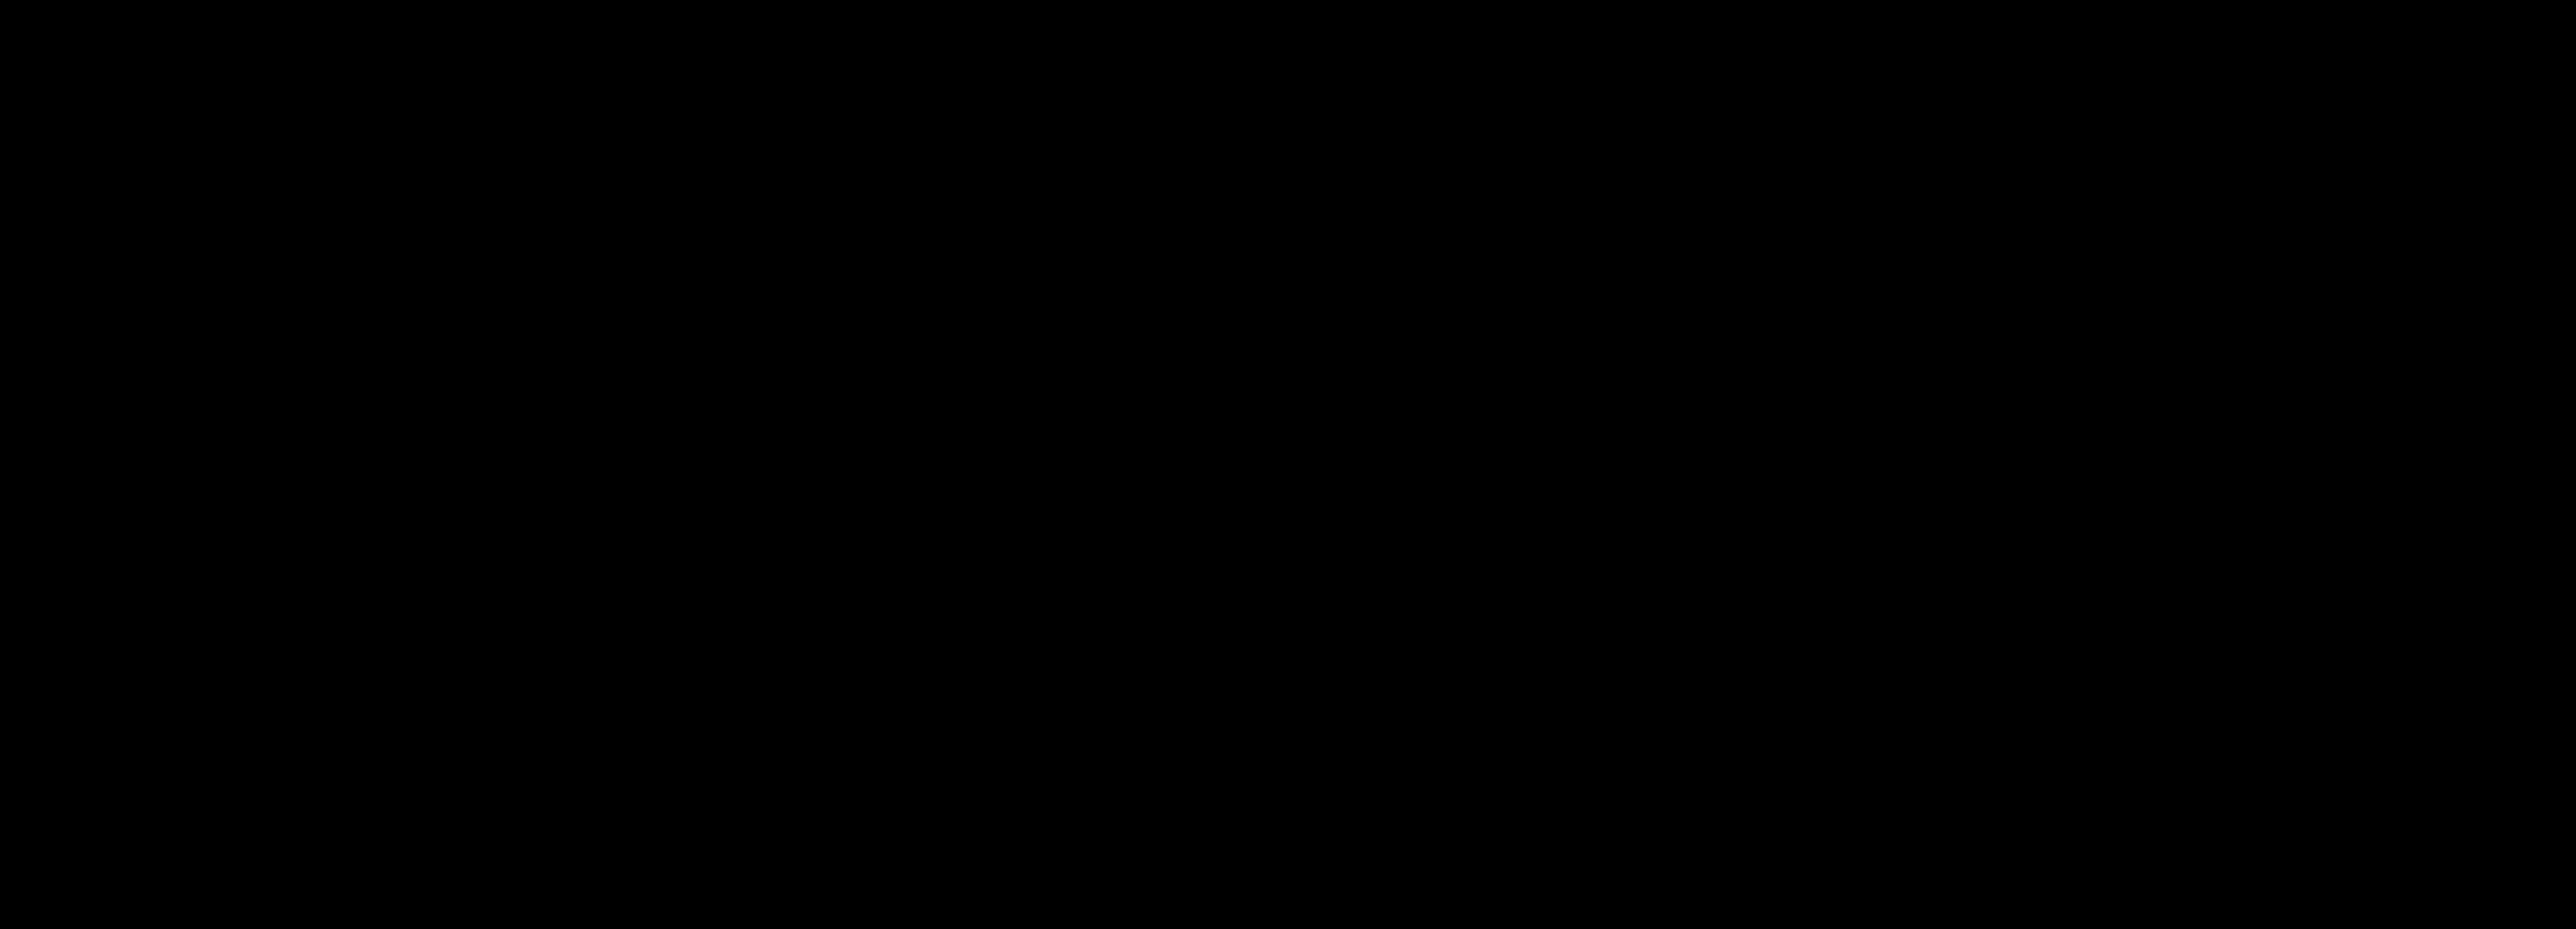 VISION|エンドラインのヴィジョン